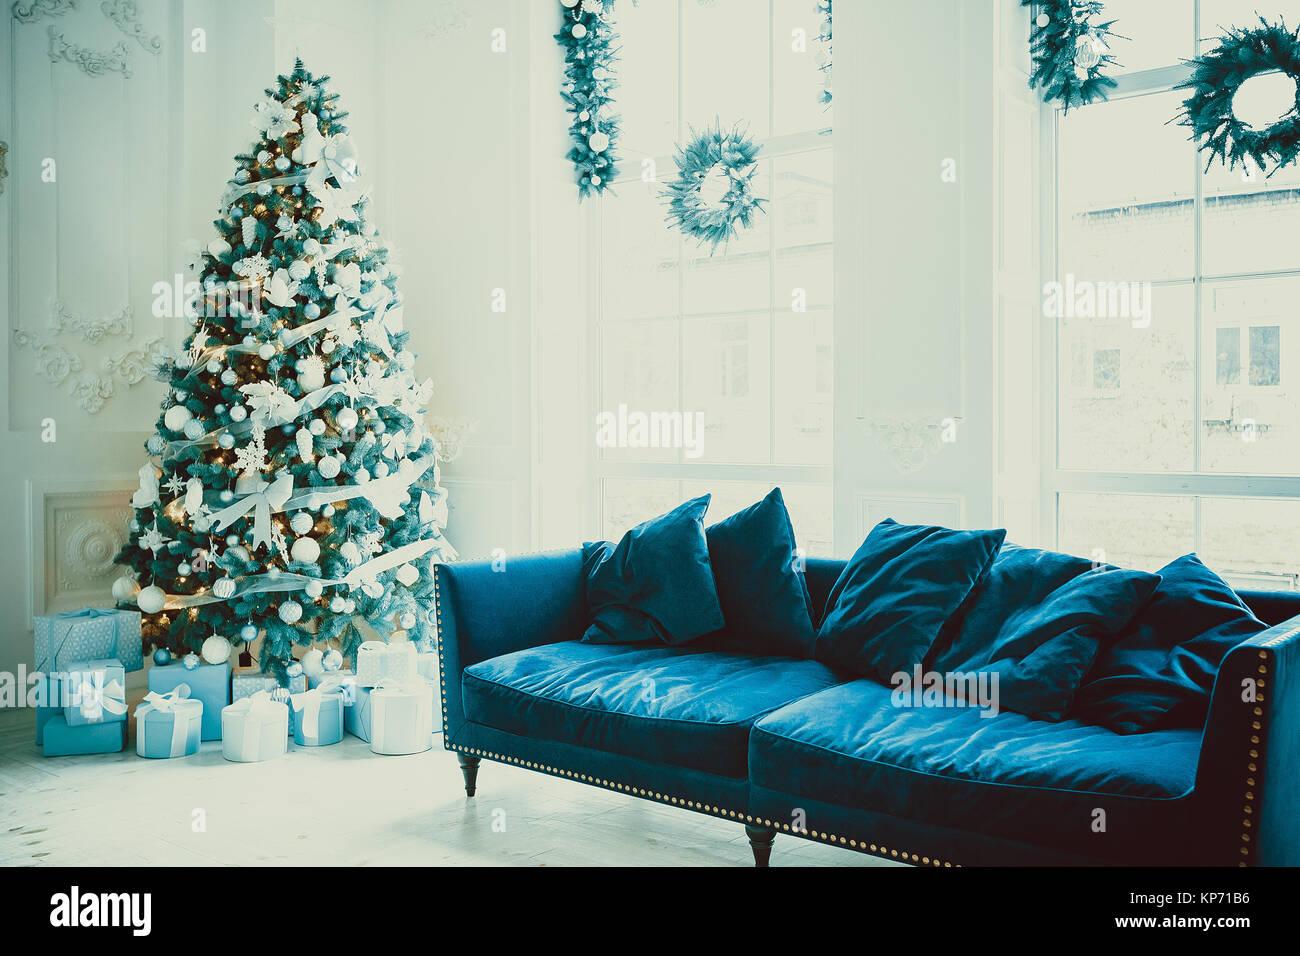 Weihnachten Wohnzimmer Mit Einem Weihnachtsbaum, Geschenke Und Ein Großes  Fenster. Schönes Neues Jahr Eingerichtete Classic Home Interieur